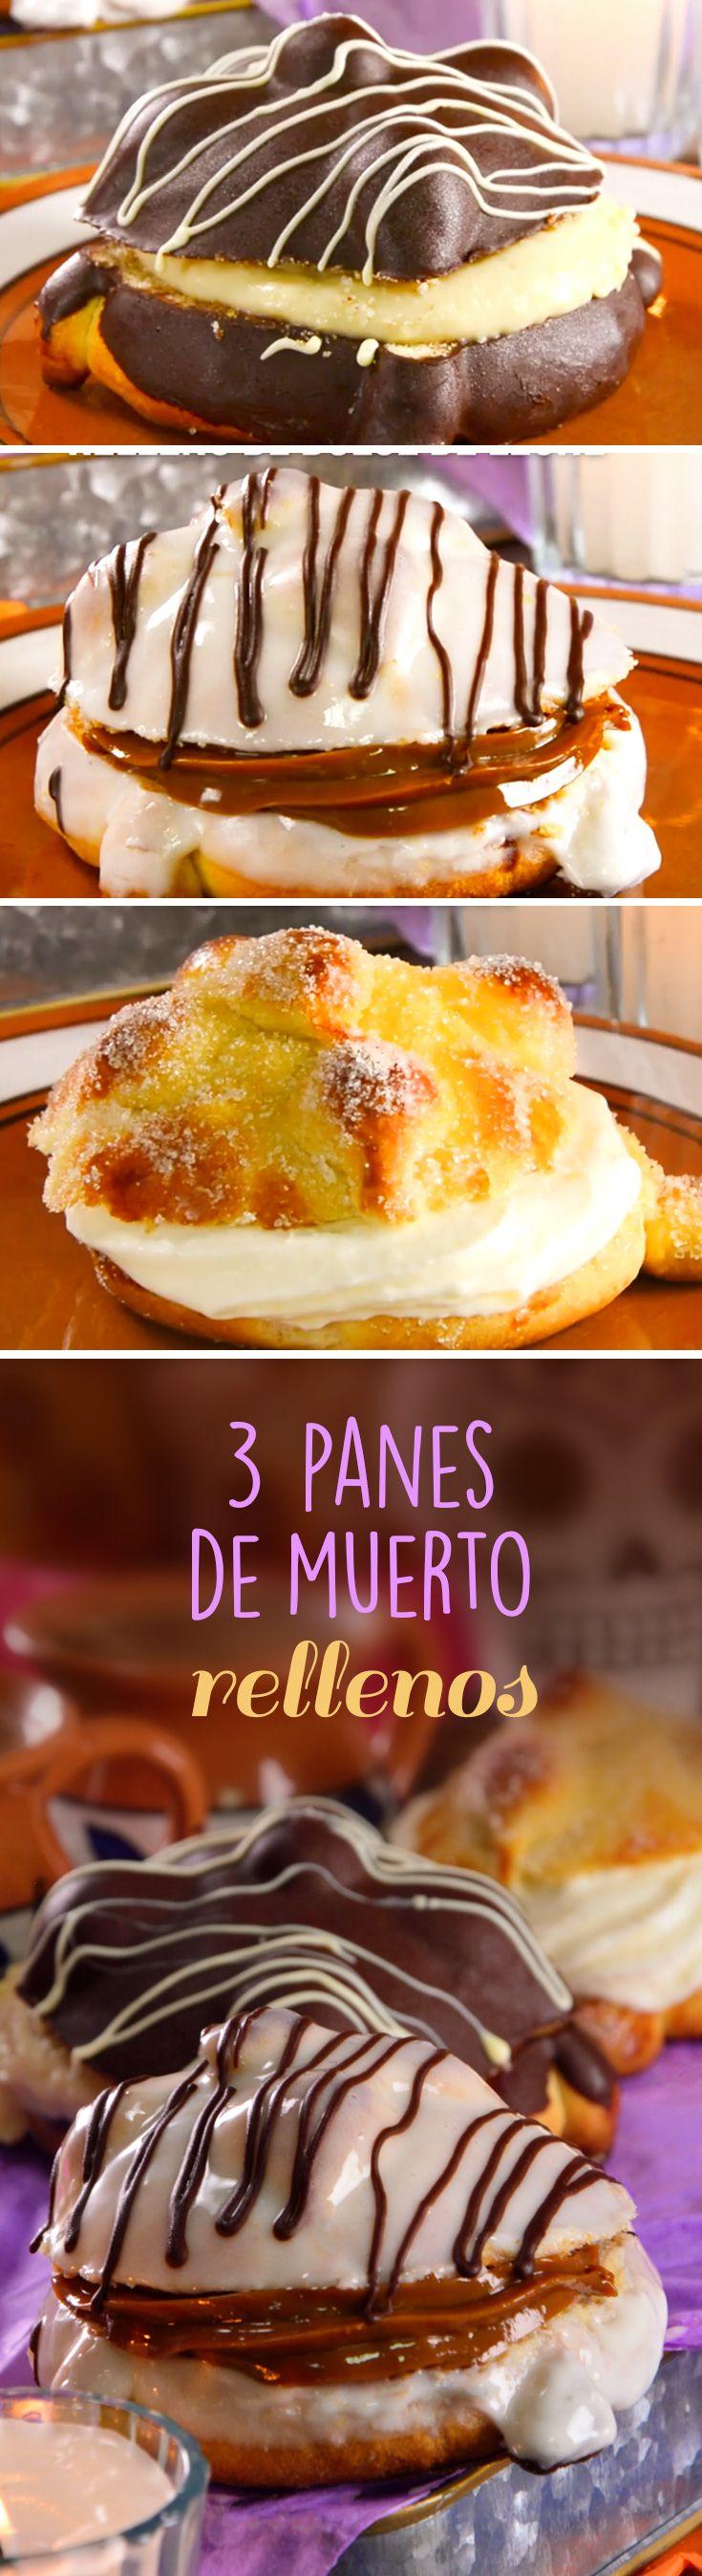 Para el 2 de noviembre en #México se come el #PanDeMuertos